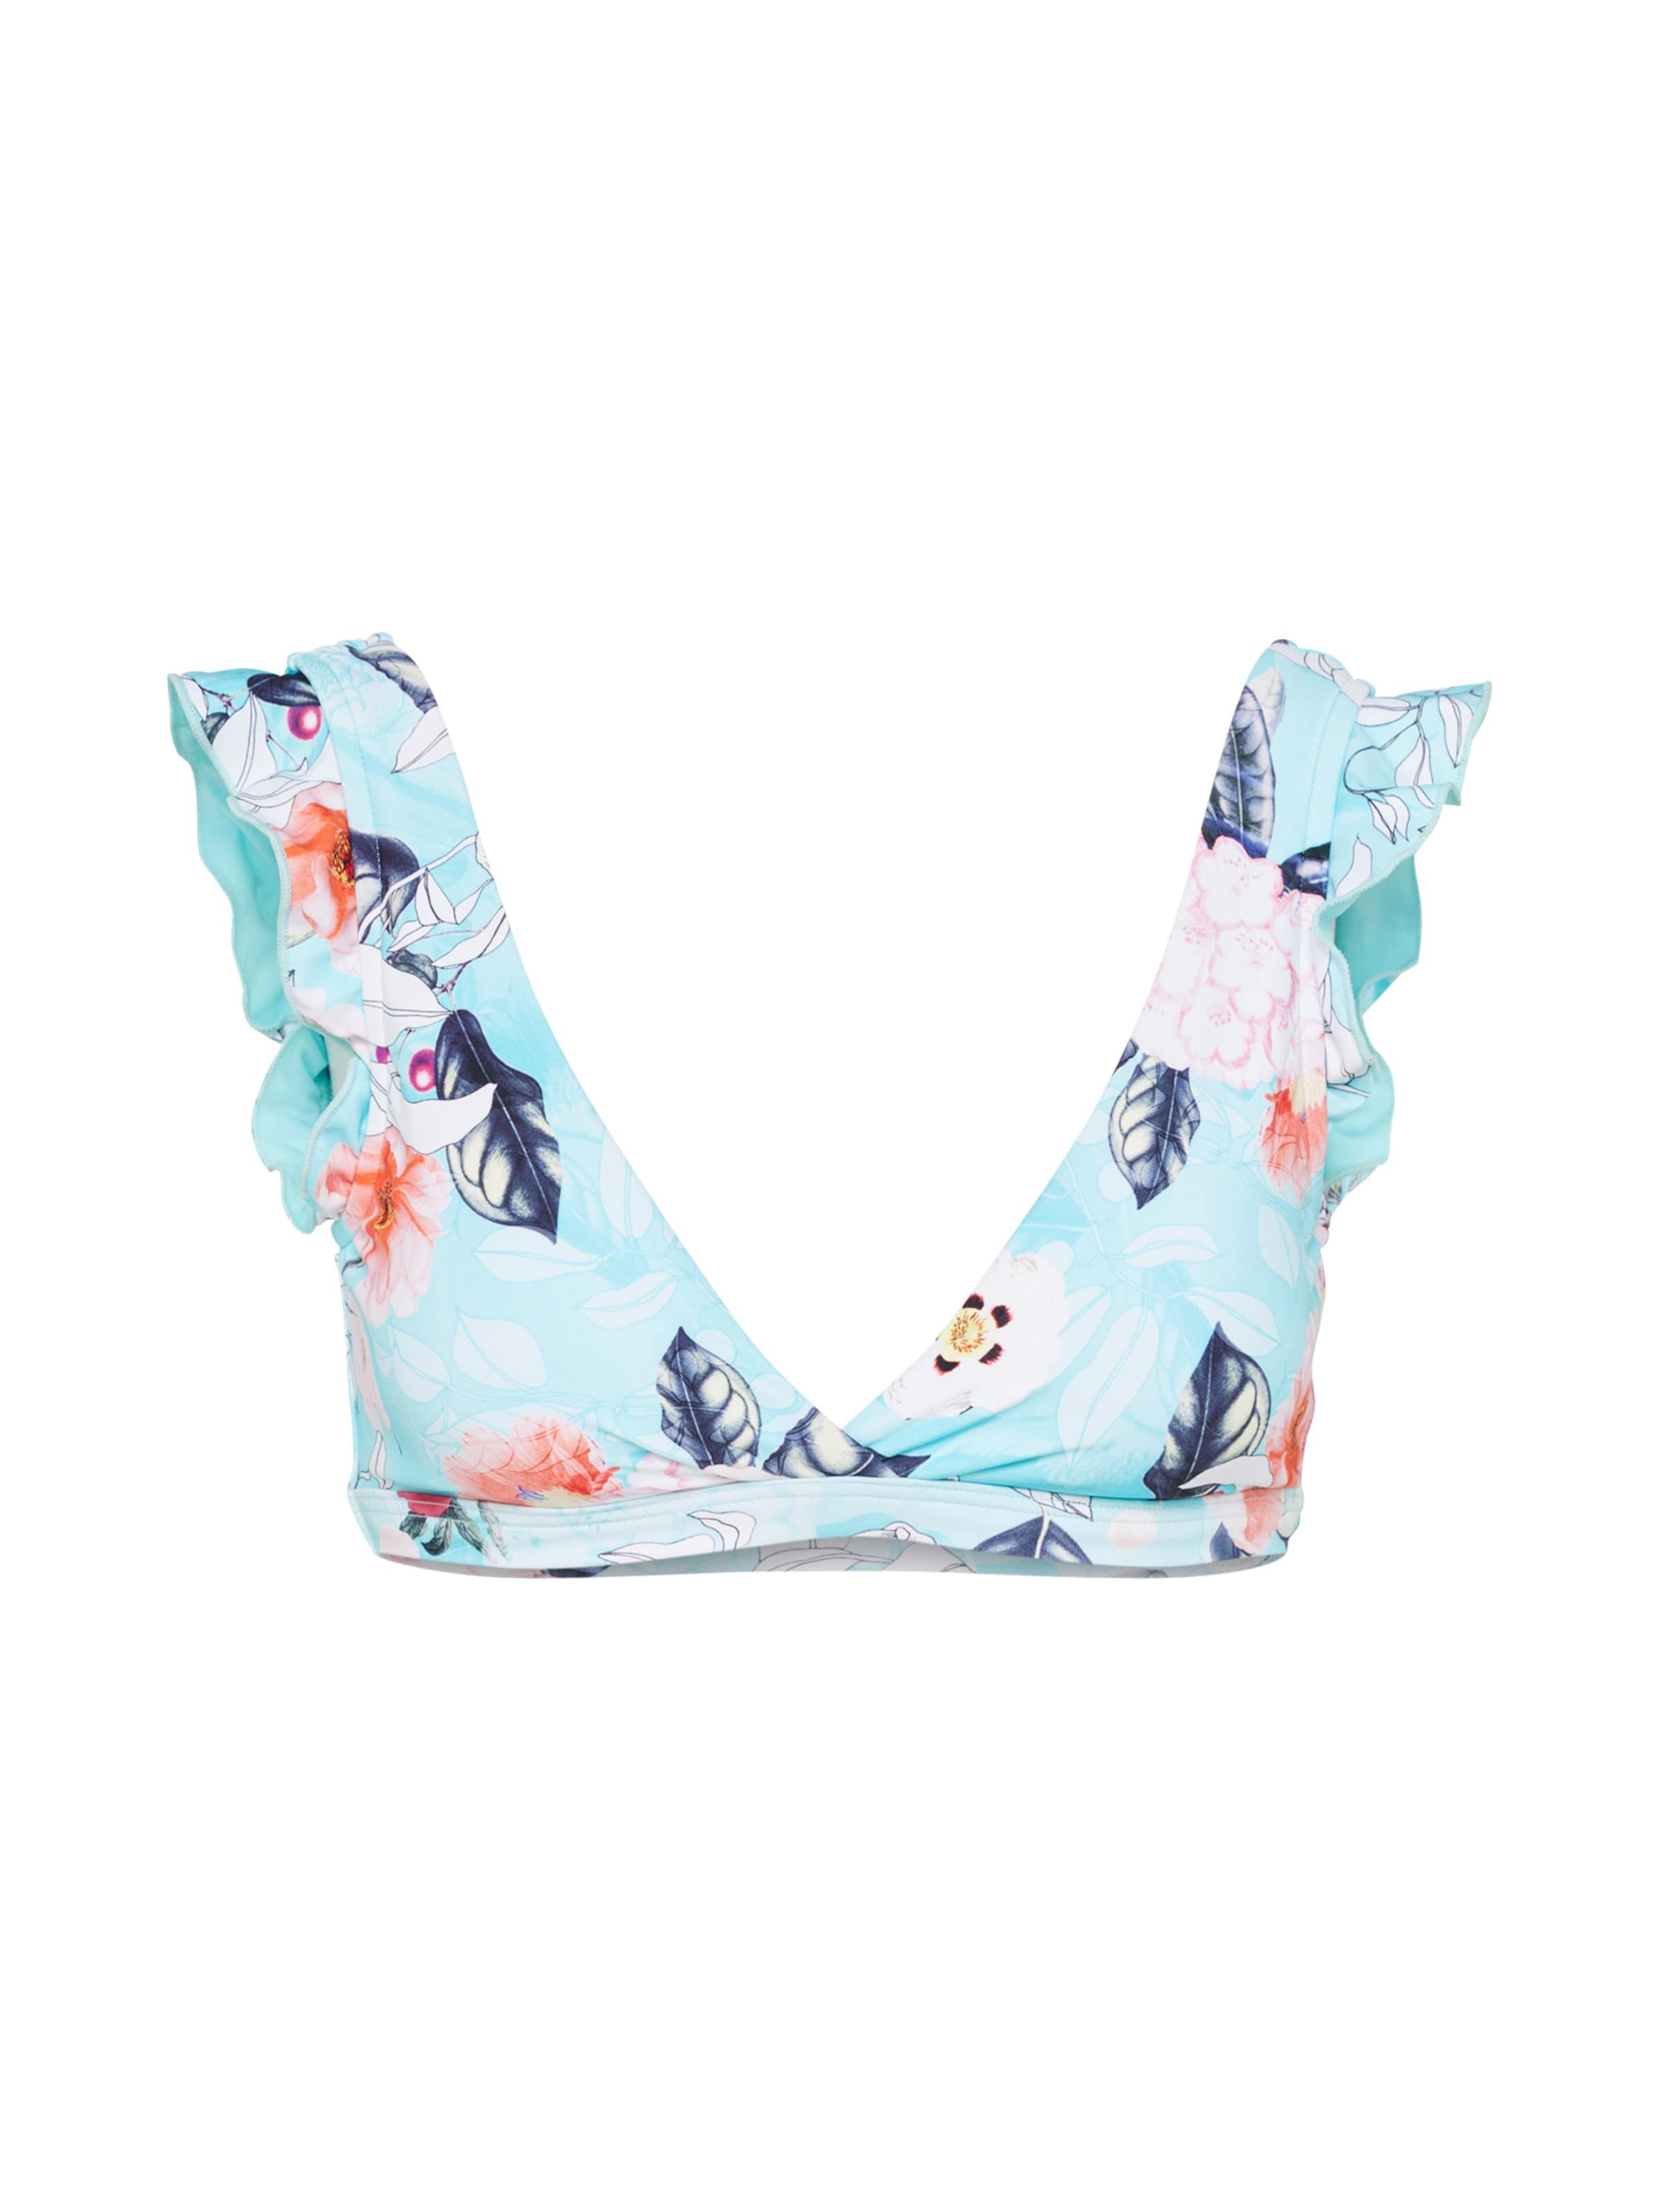 Niedrig Kosten Für Verkauf Spielraum Top-Qualität Seafolly Bikini Oberteil 'Wrap Front' Besuchen Zu Verkaufen Steckdose Truhe Gik3Zc1